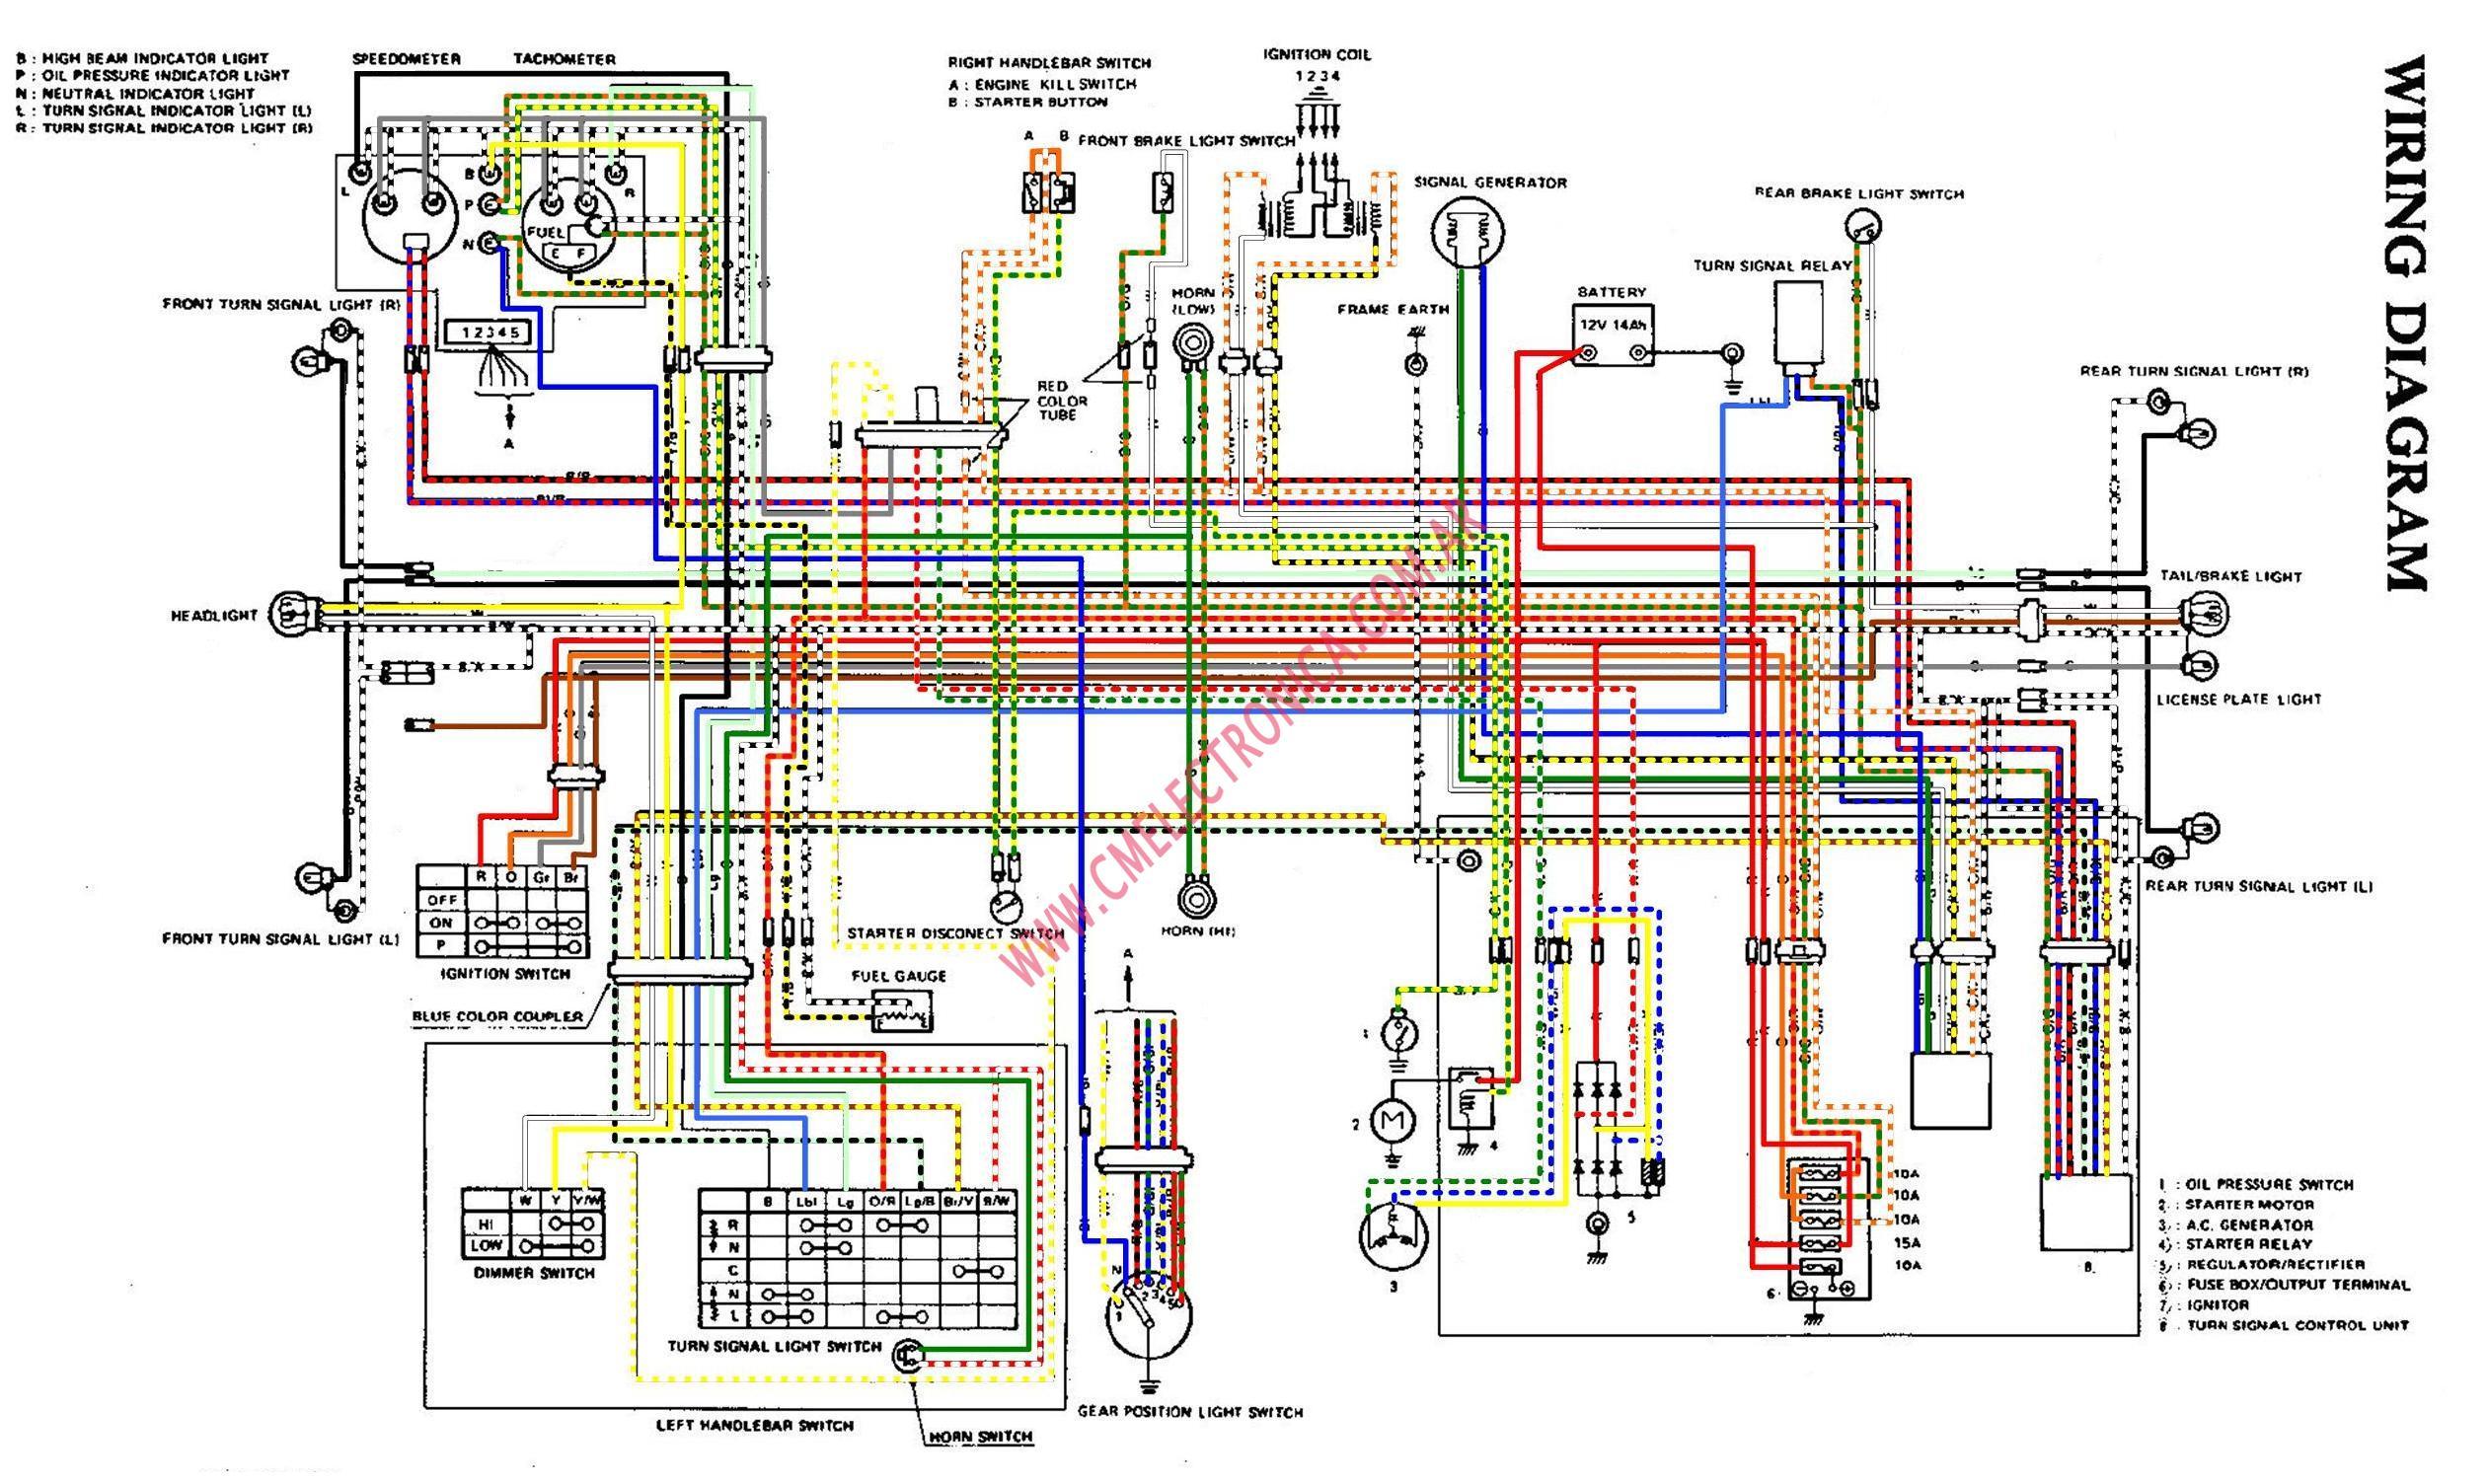 1980 suzuki wiring diagram schematic wiring diagram1980 suzuki wiring diagram schematic